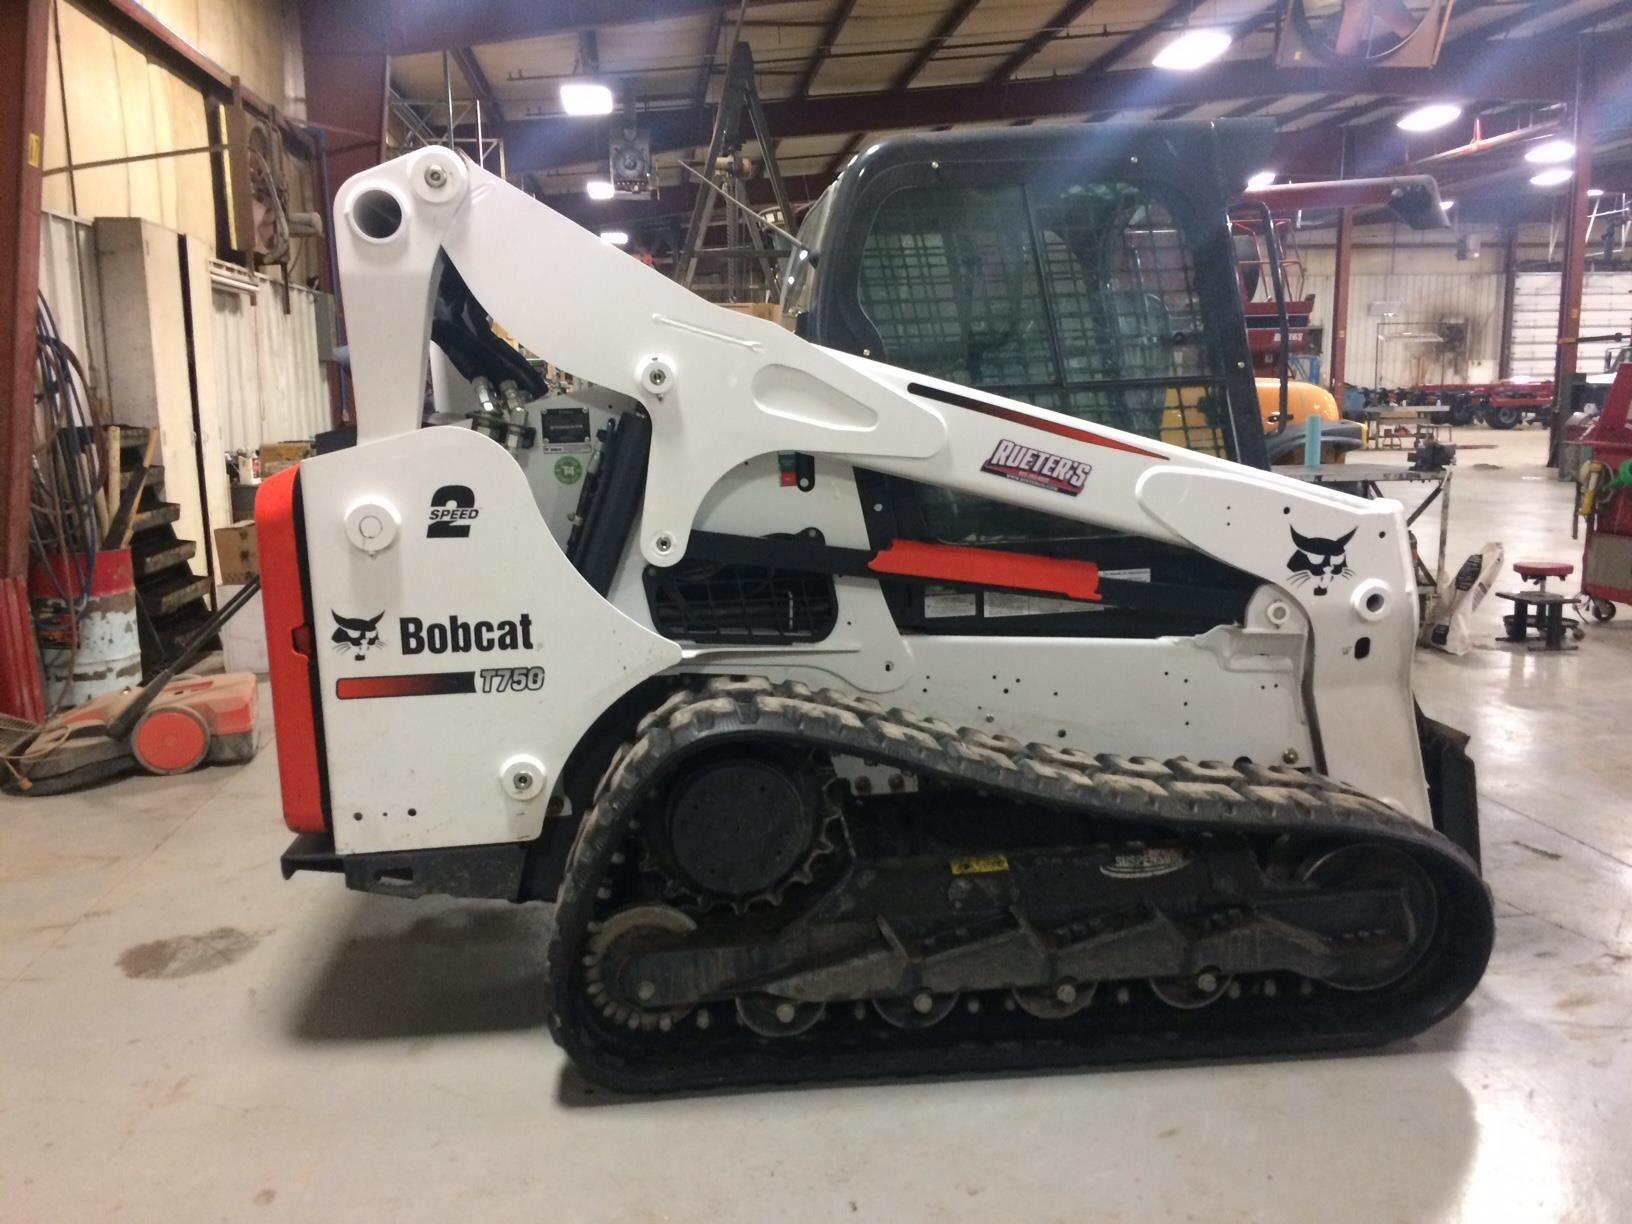 2016 Bobcat T750 Skid Steer